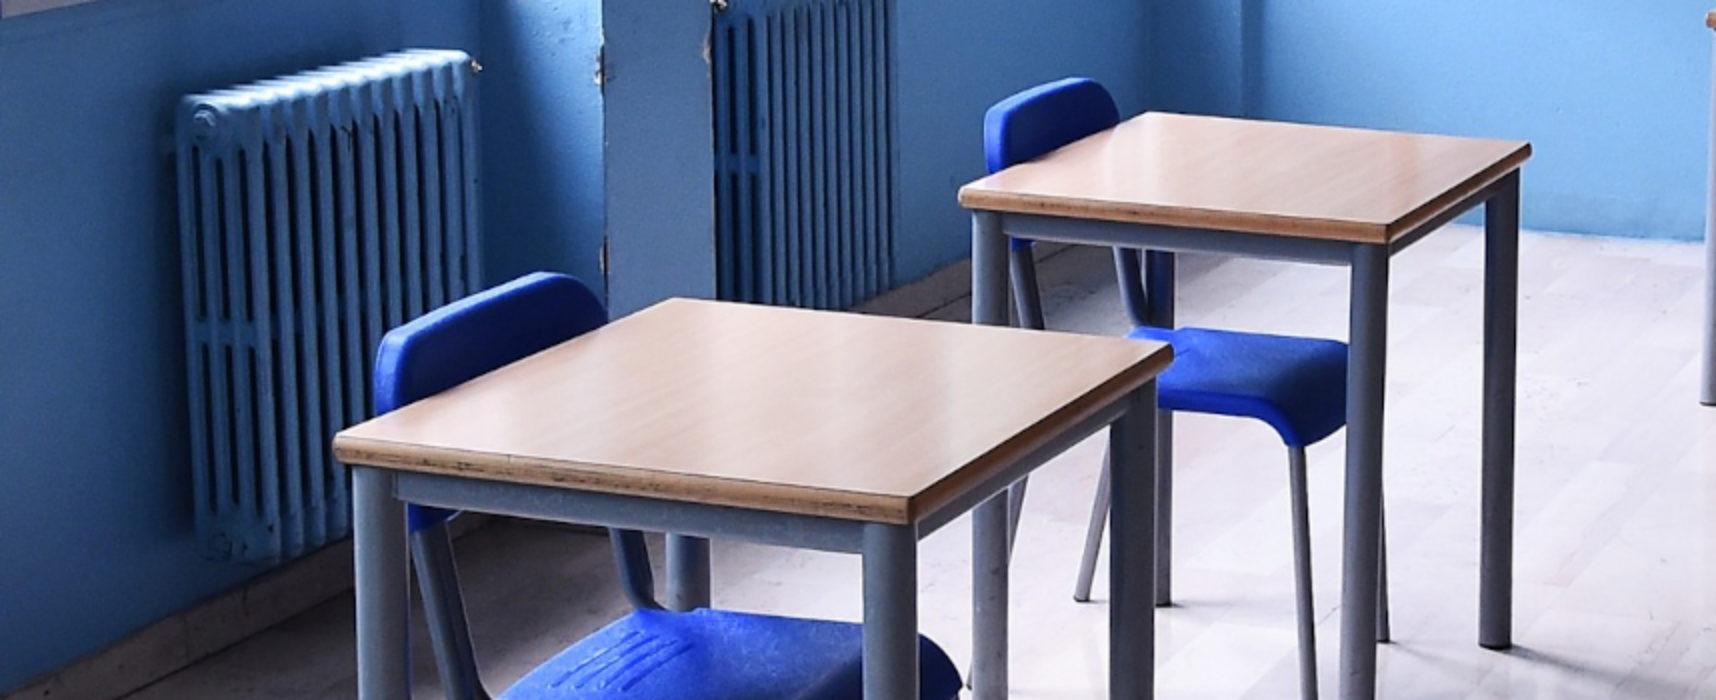 Covid, piano per rientro a scuola in sicurezza: la proposta di Lopalco / DETTAGLI